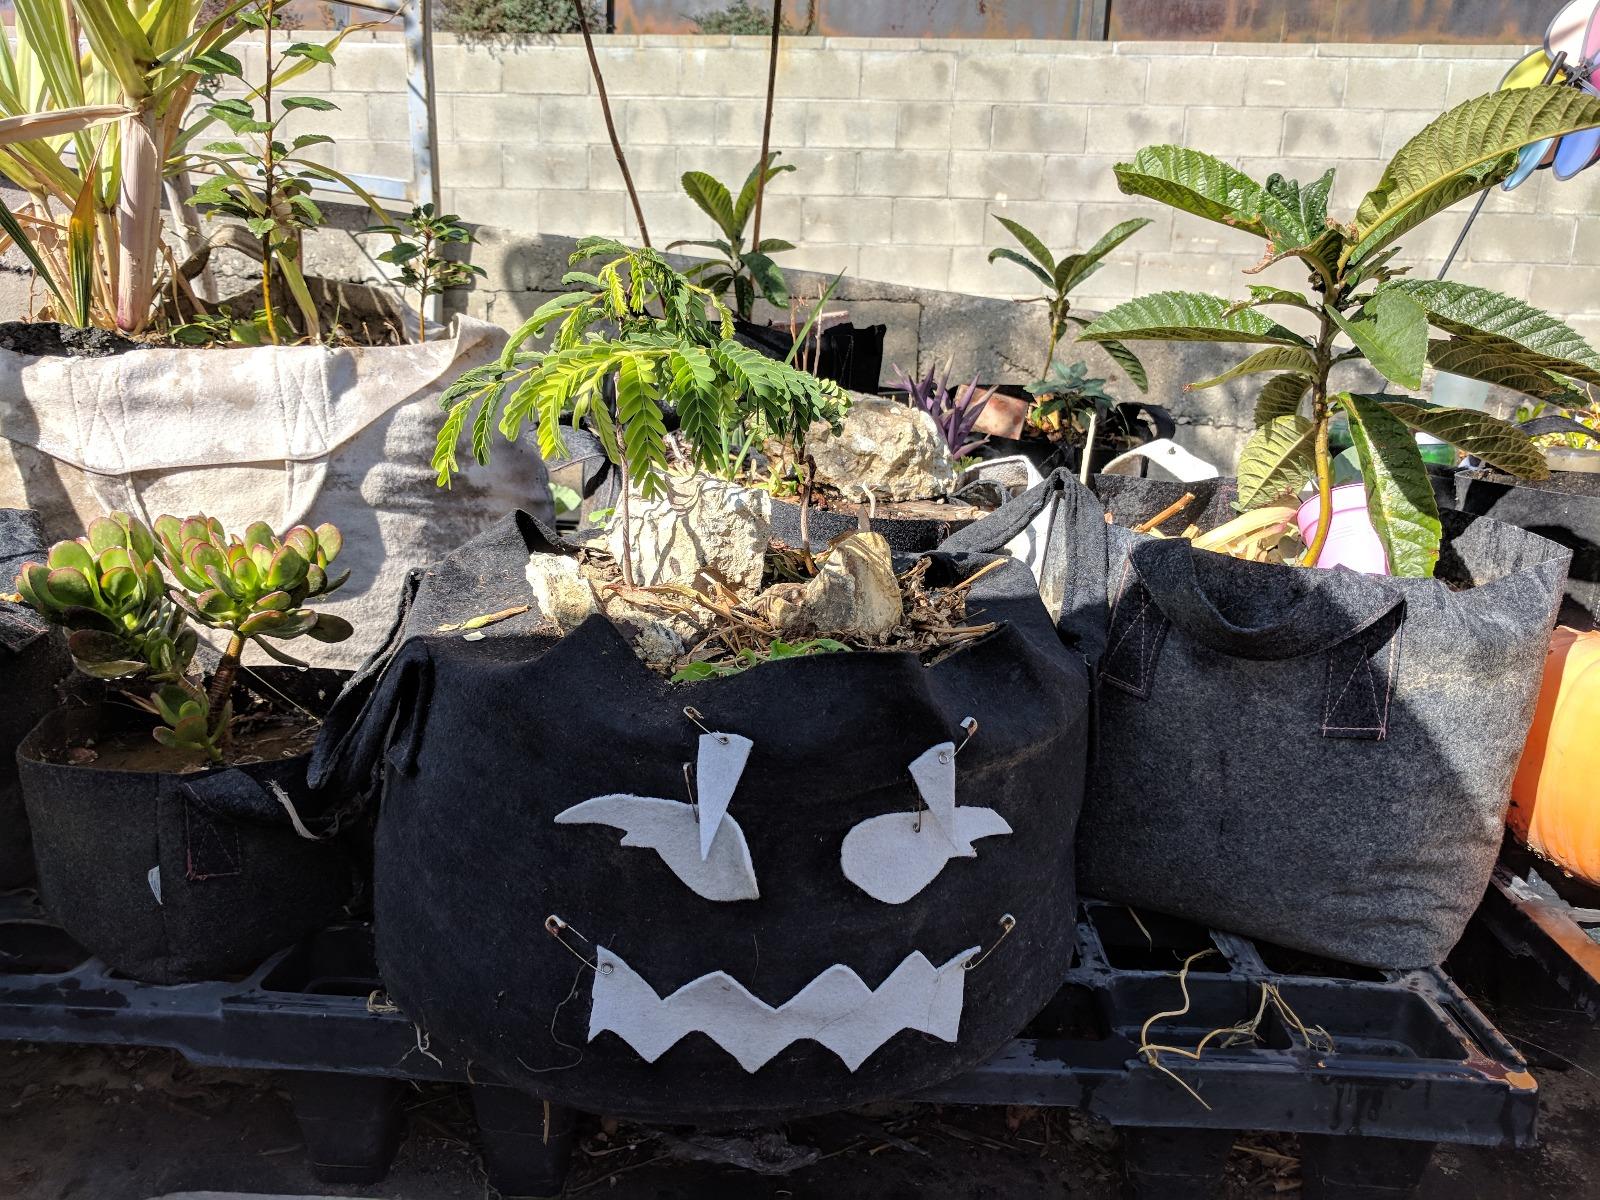 247Garden Grow Bags